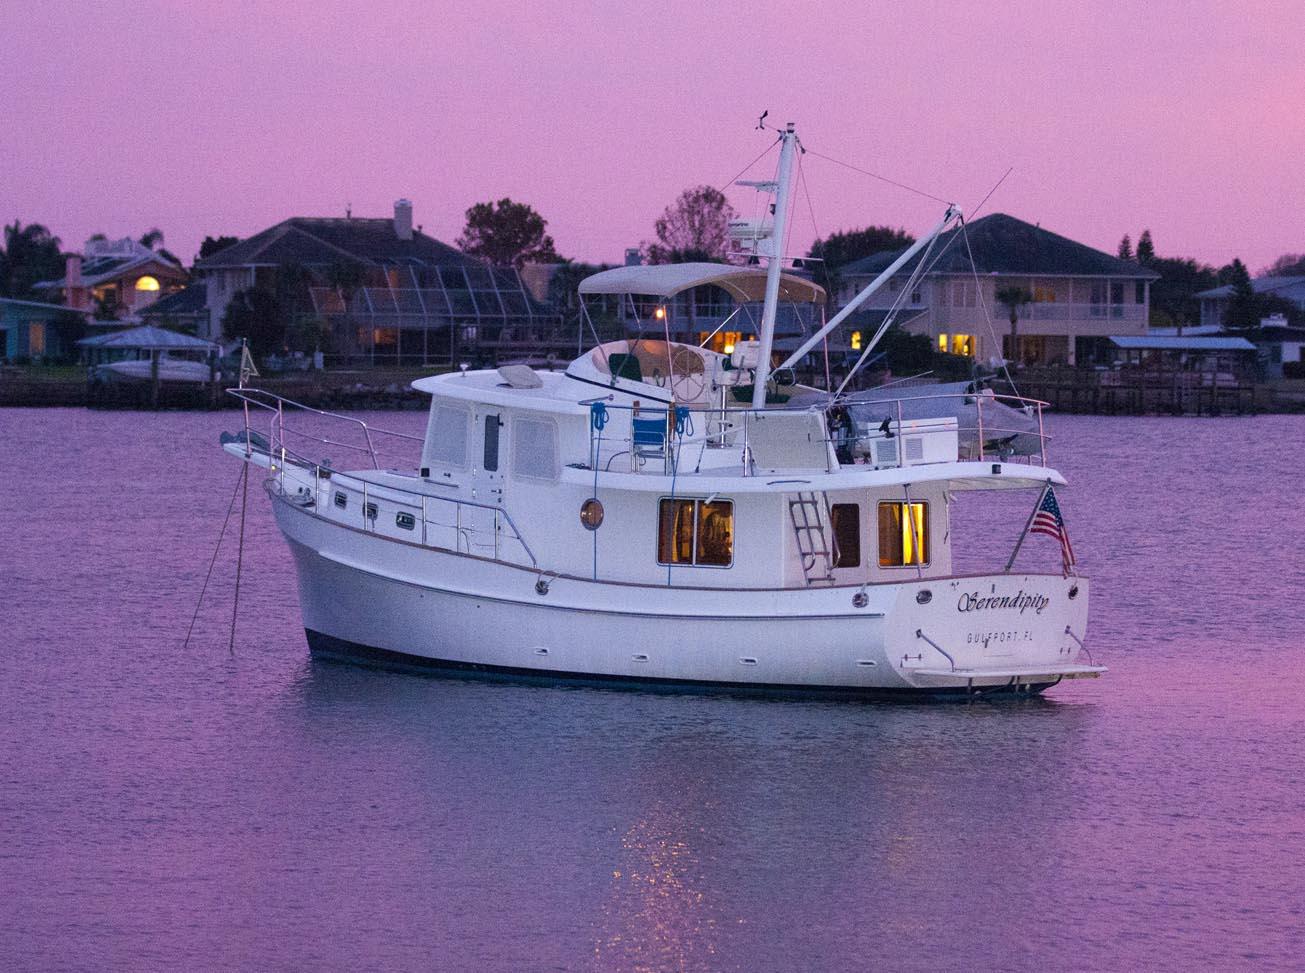 2002 Krogen 39 Power Boat For Sale Wwwyachtworldcom